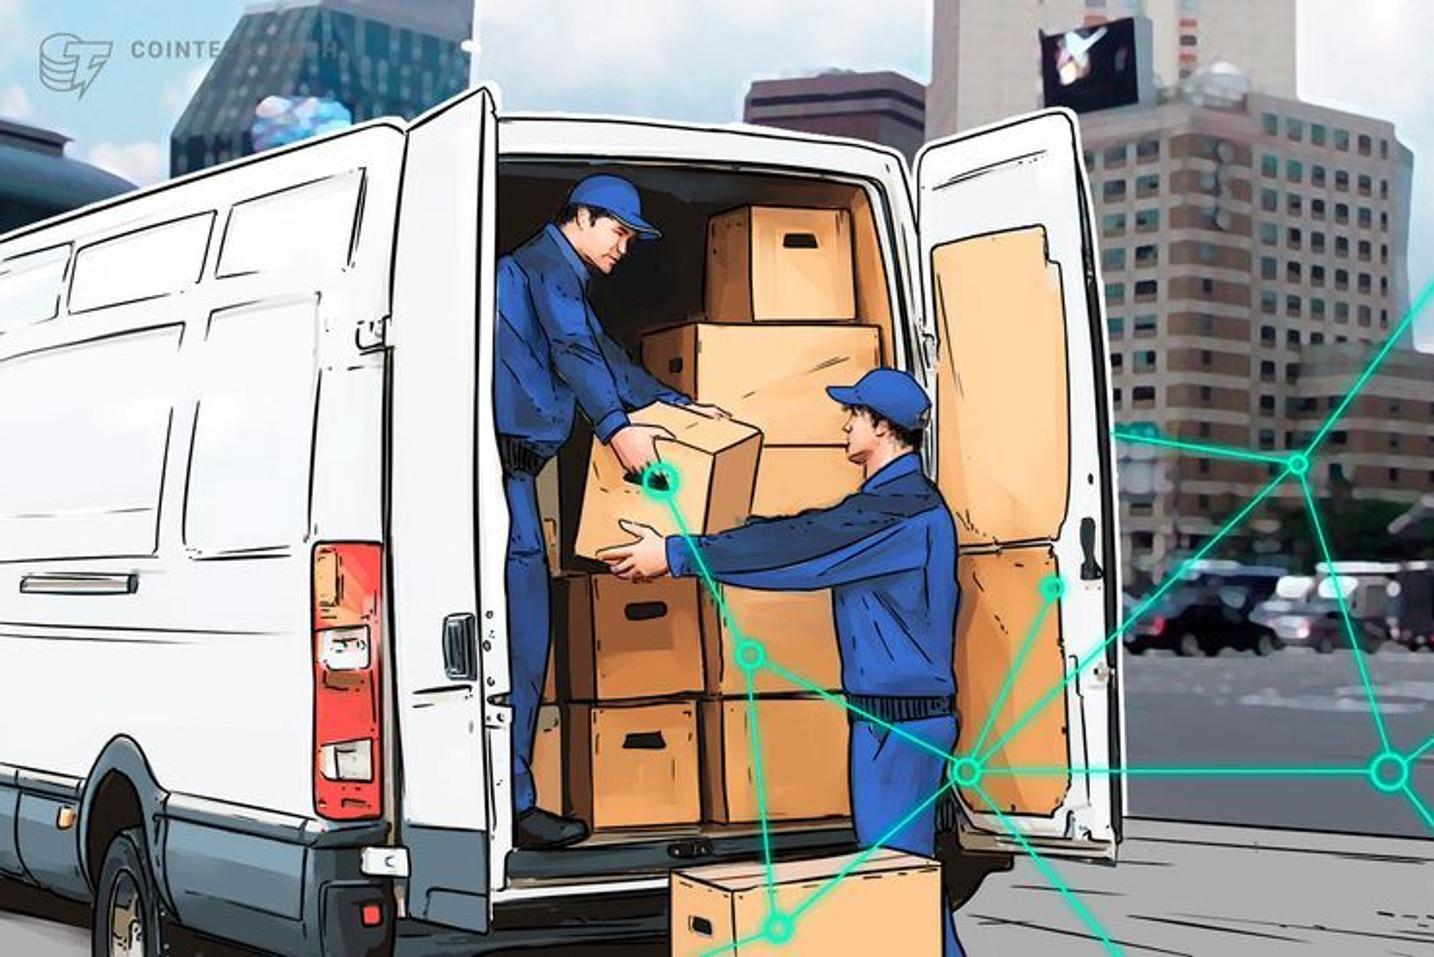 Según un informe de Gartner, habrá un posible estancamiento de iniciativas basadas en blockchain para cadenas de suministros